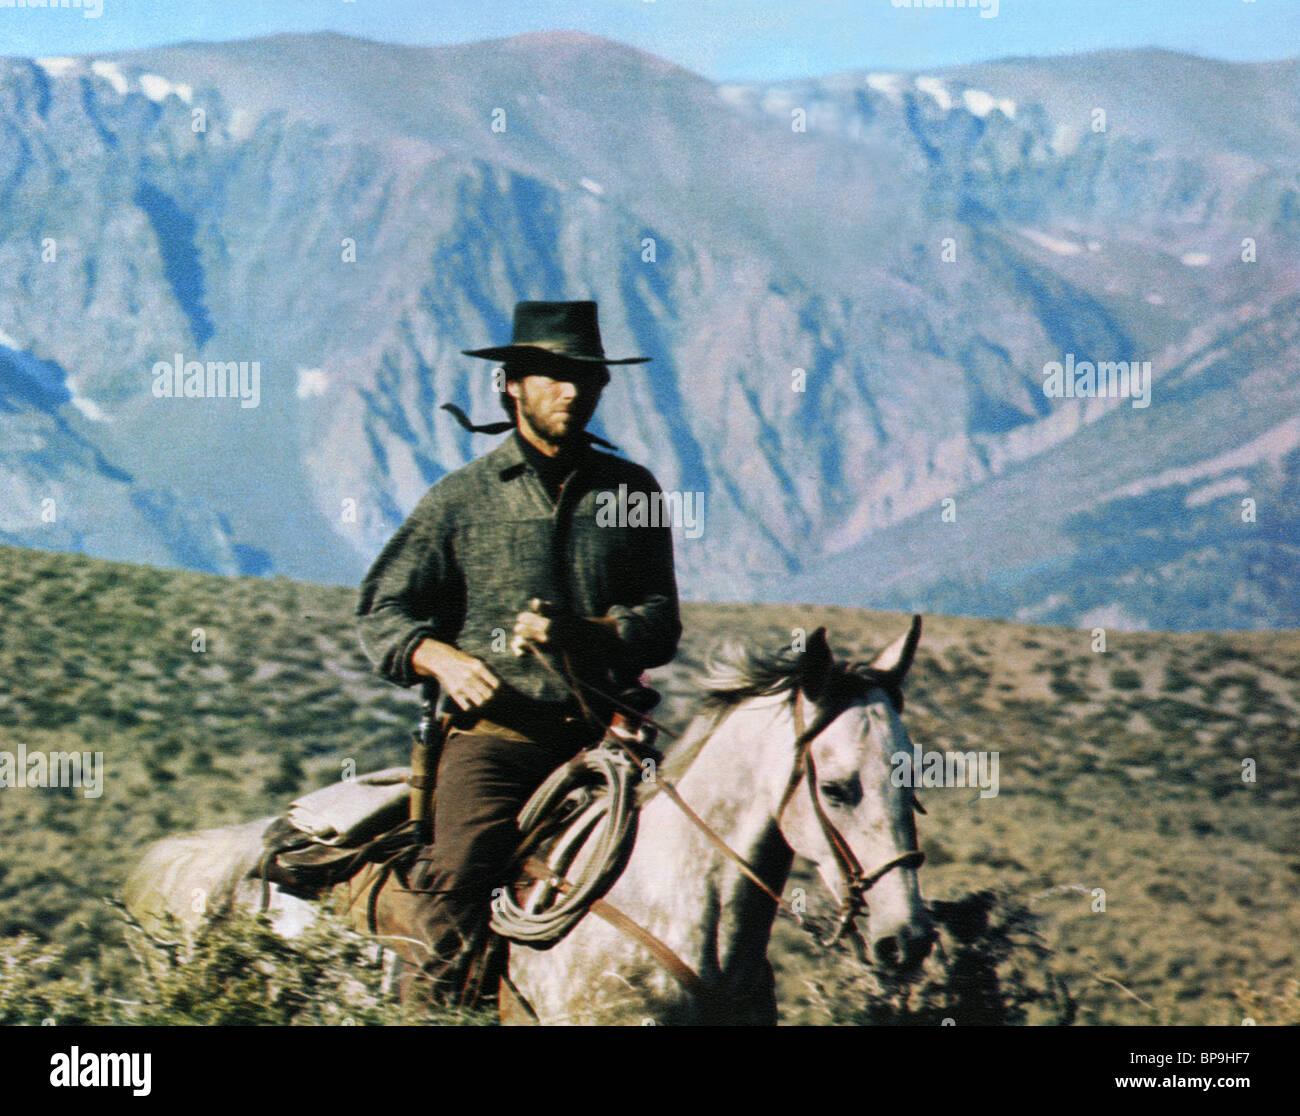 Download Film High Plains Drifter 1973